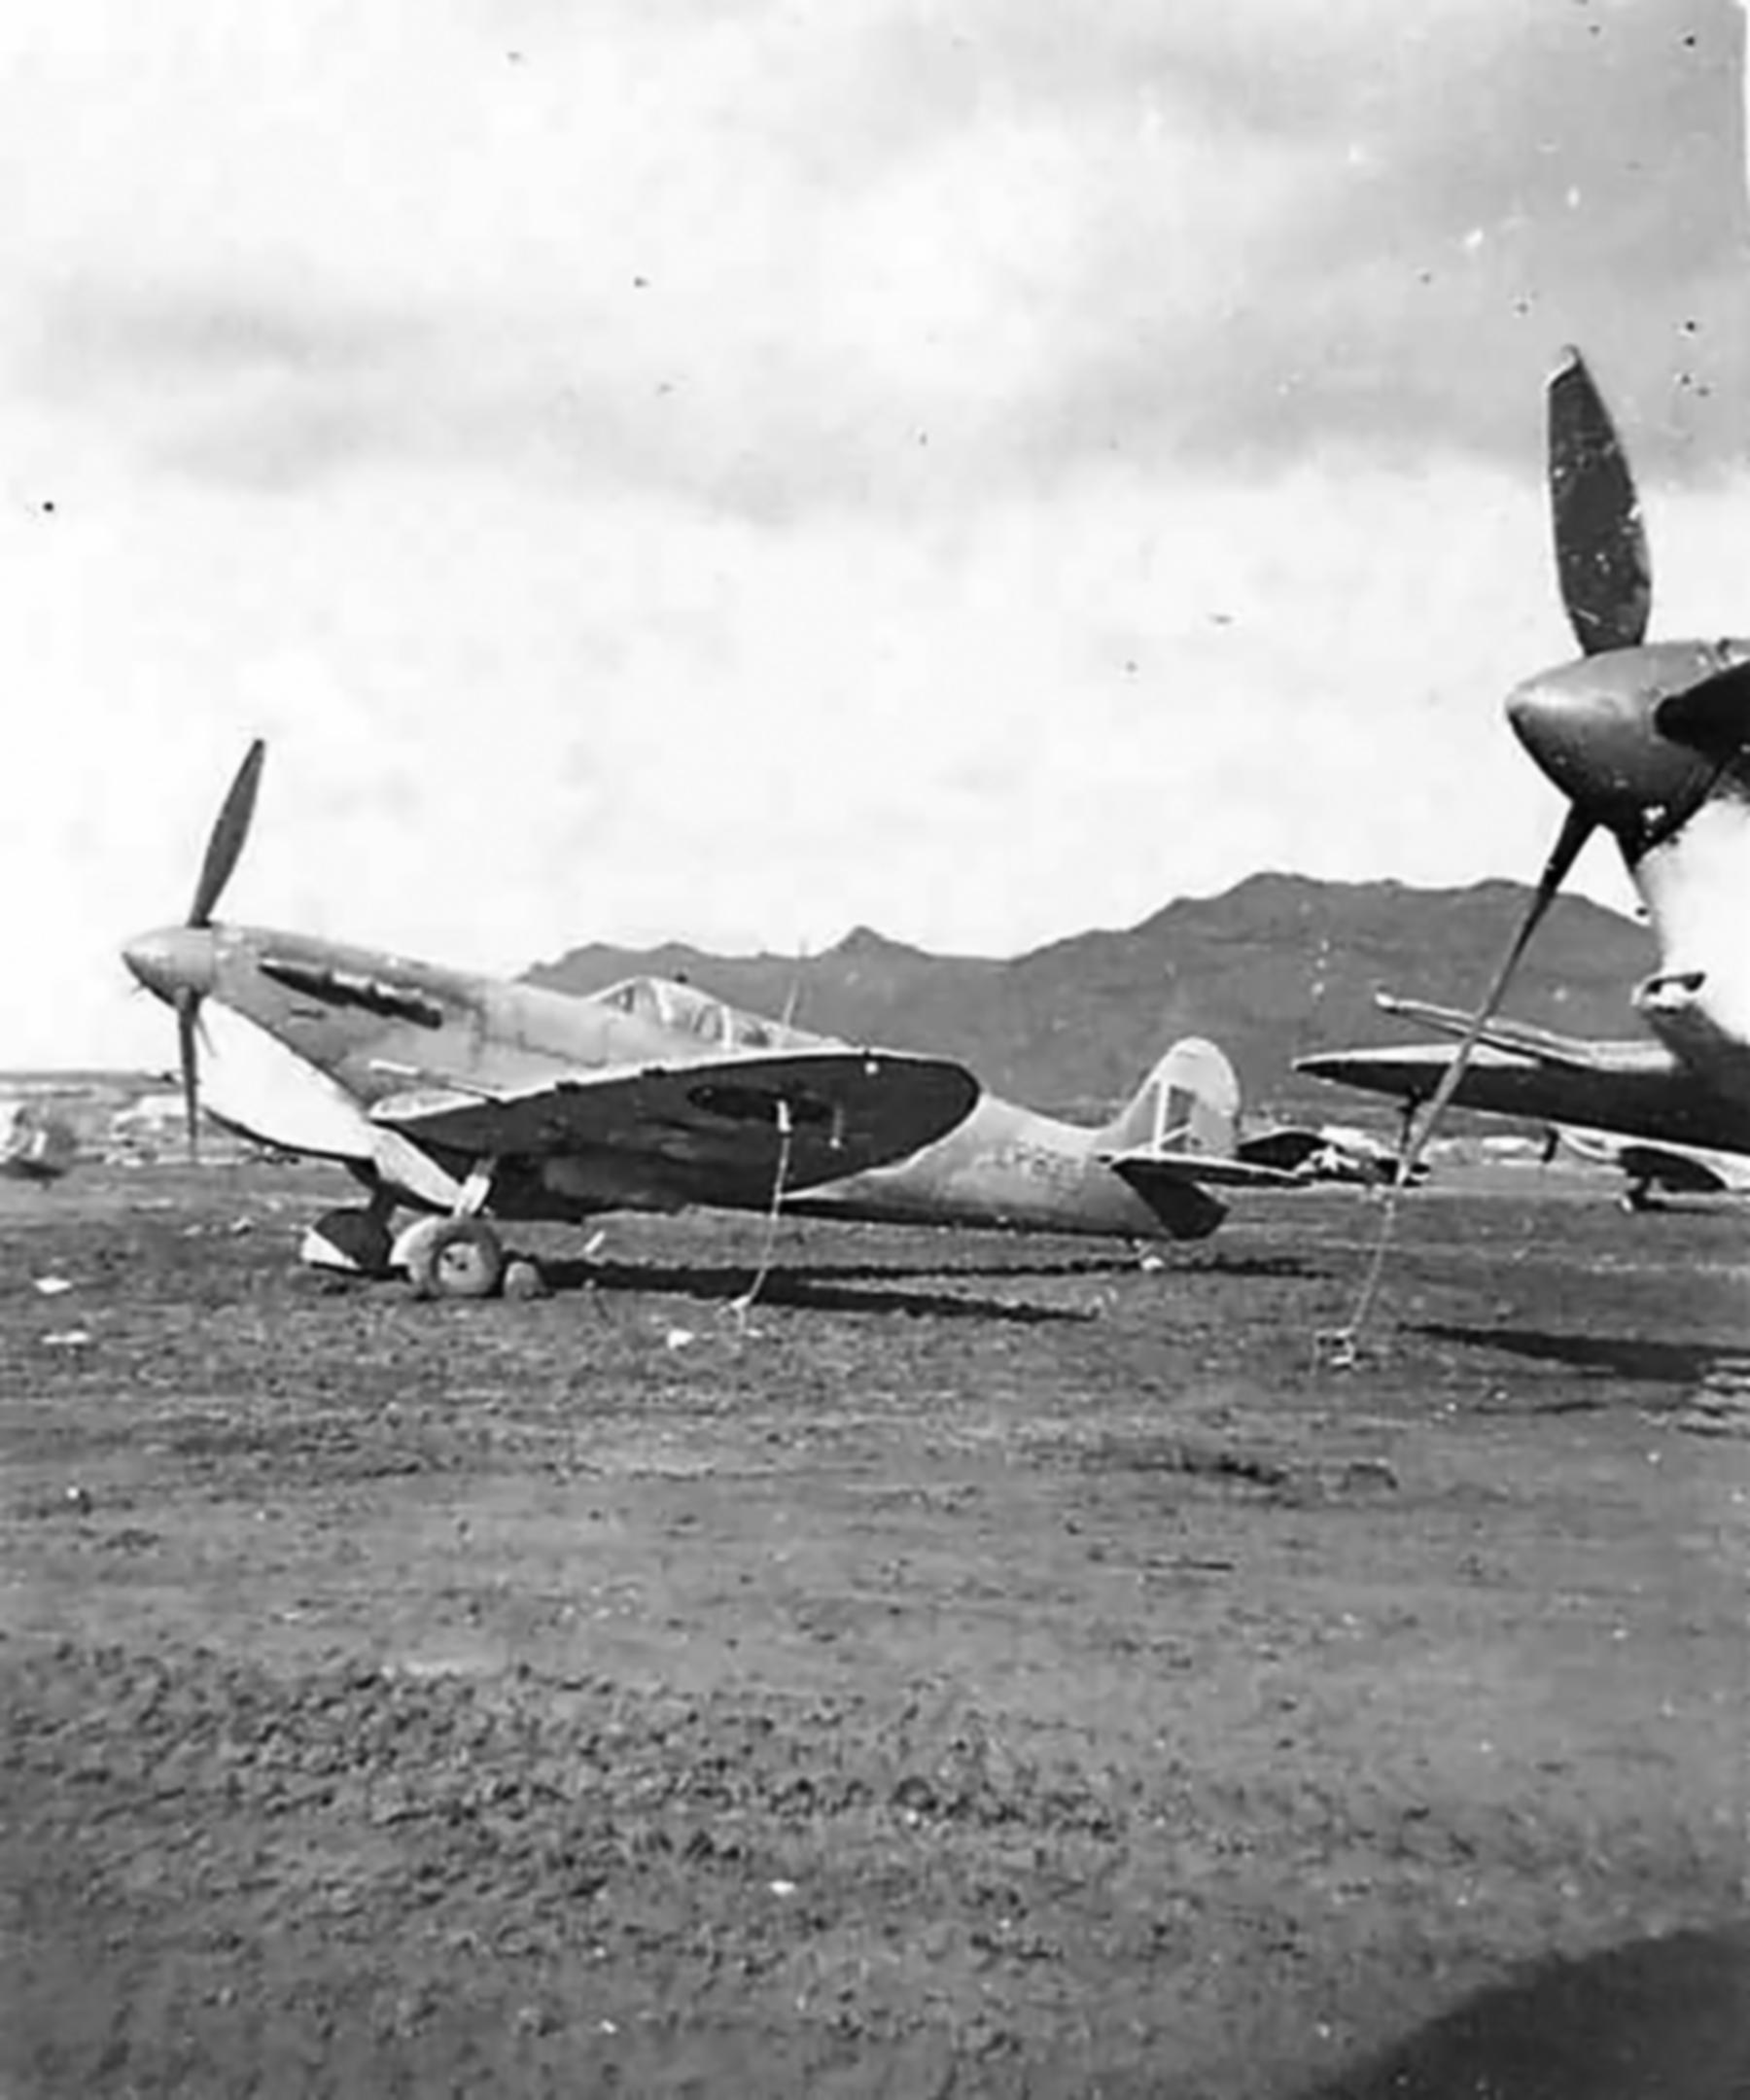 Spitfire MkVbTrop USAAF EP835 Italy 1943 01